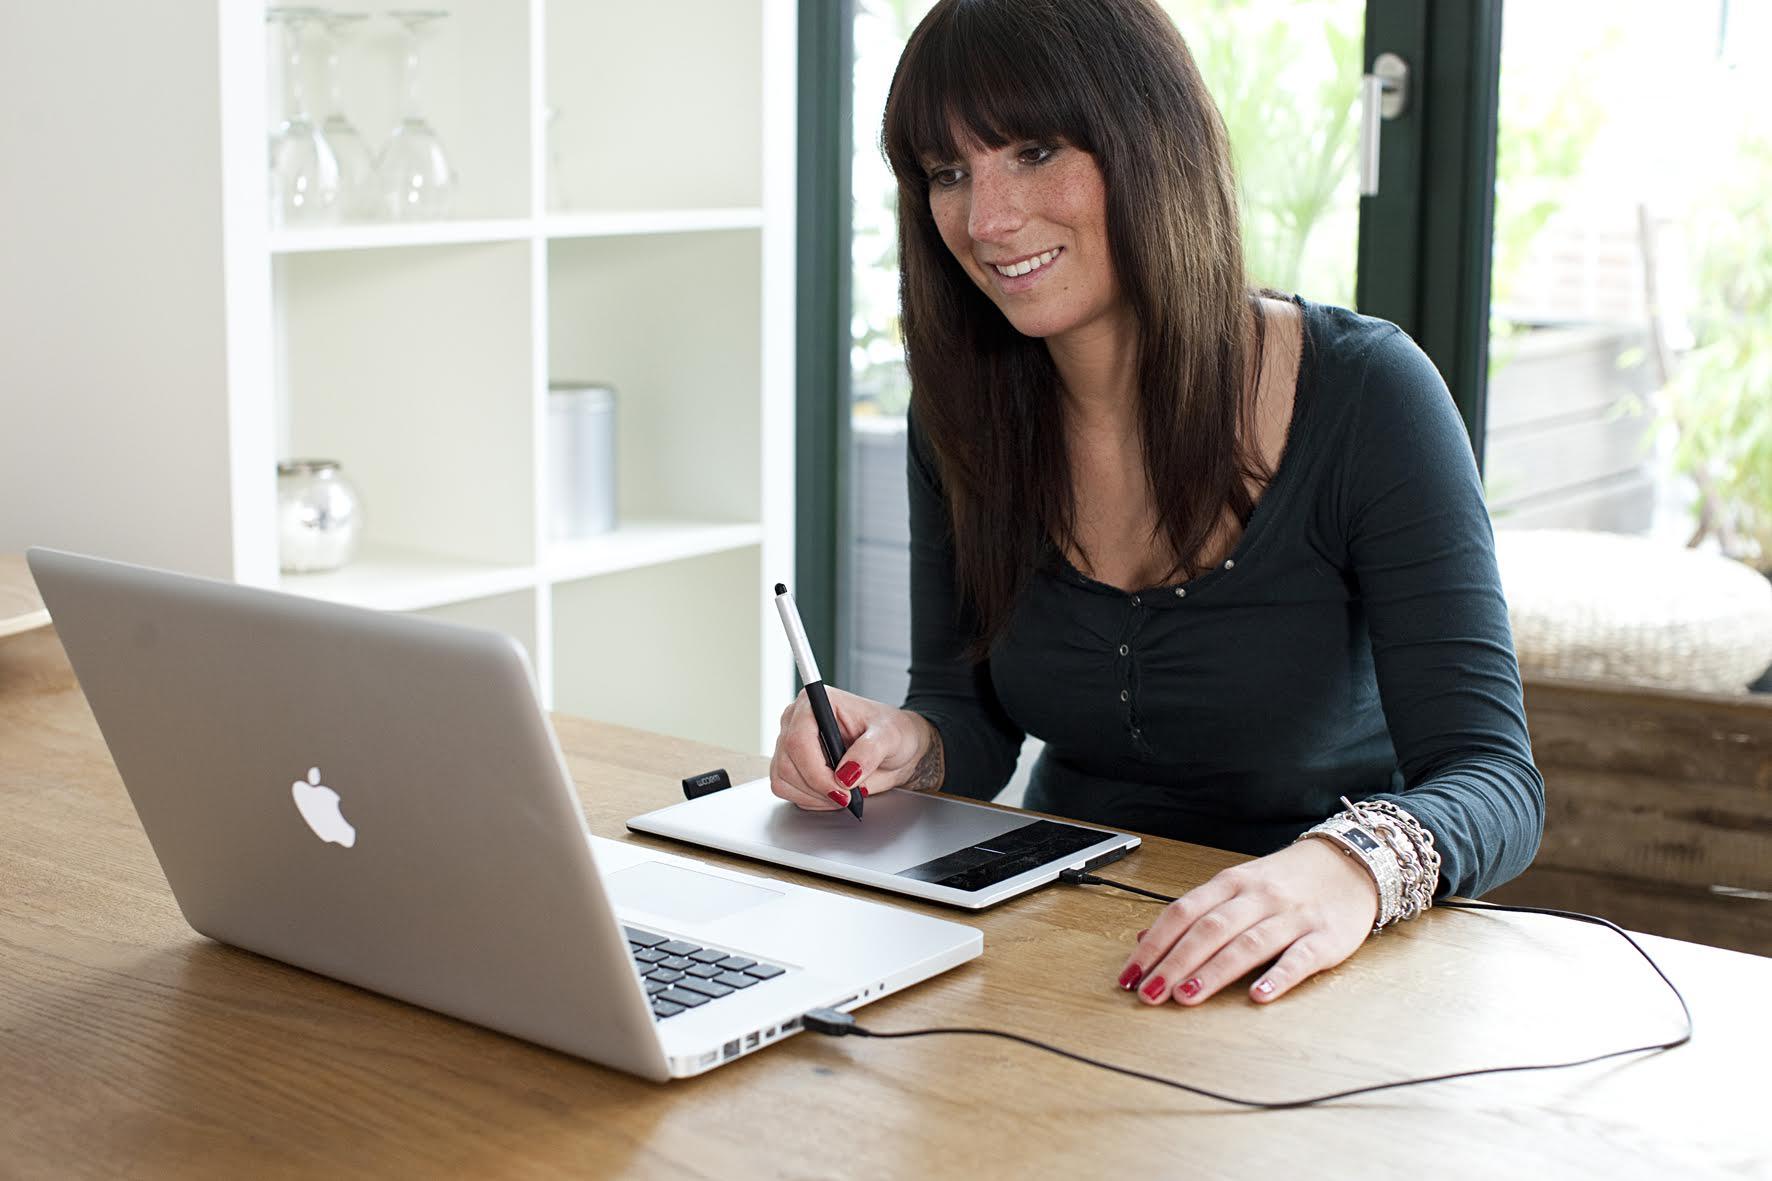 foto van vrouw die aan laptop werkt aan bureau en wacom tablet erbij gebruikt